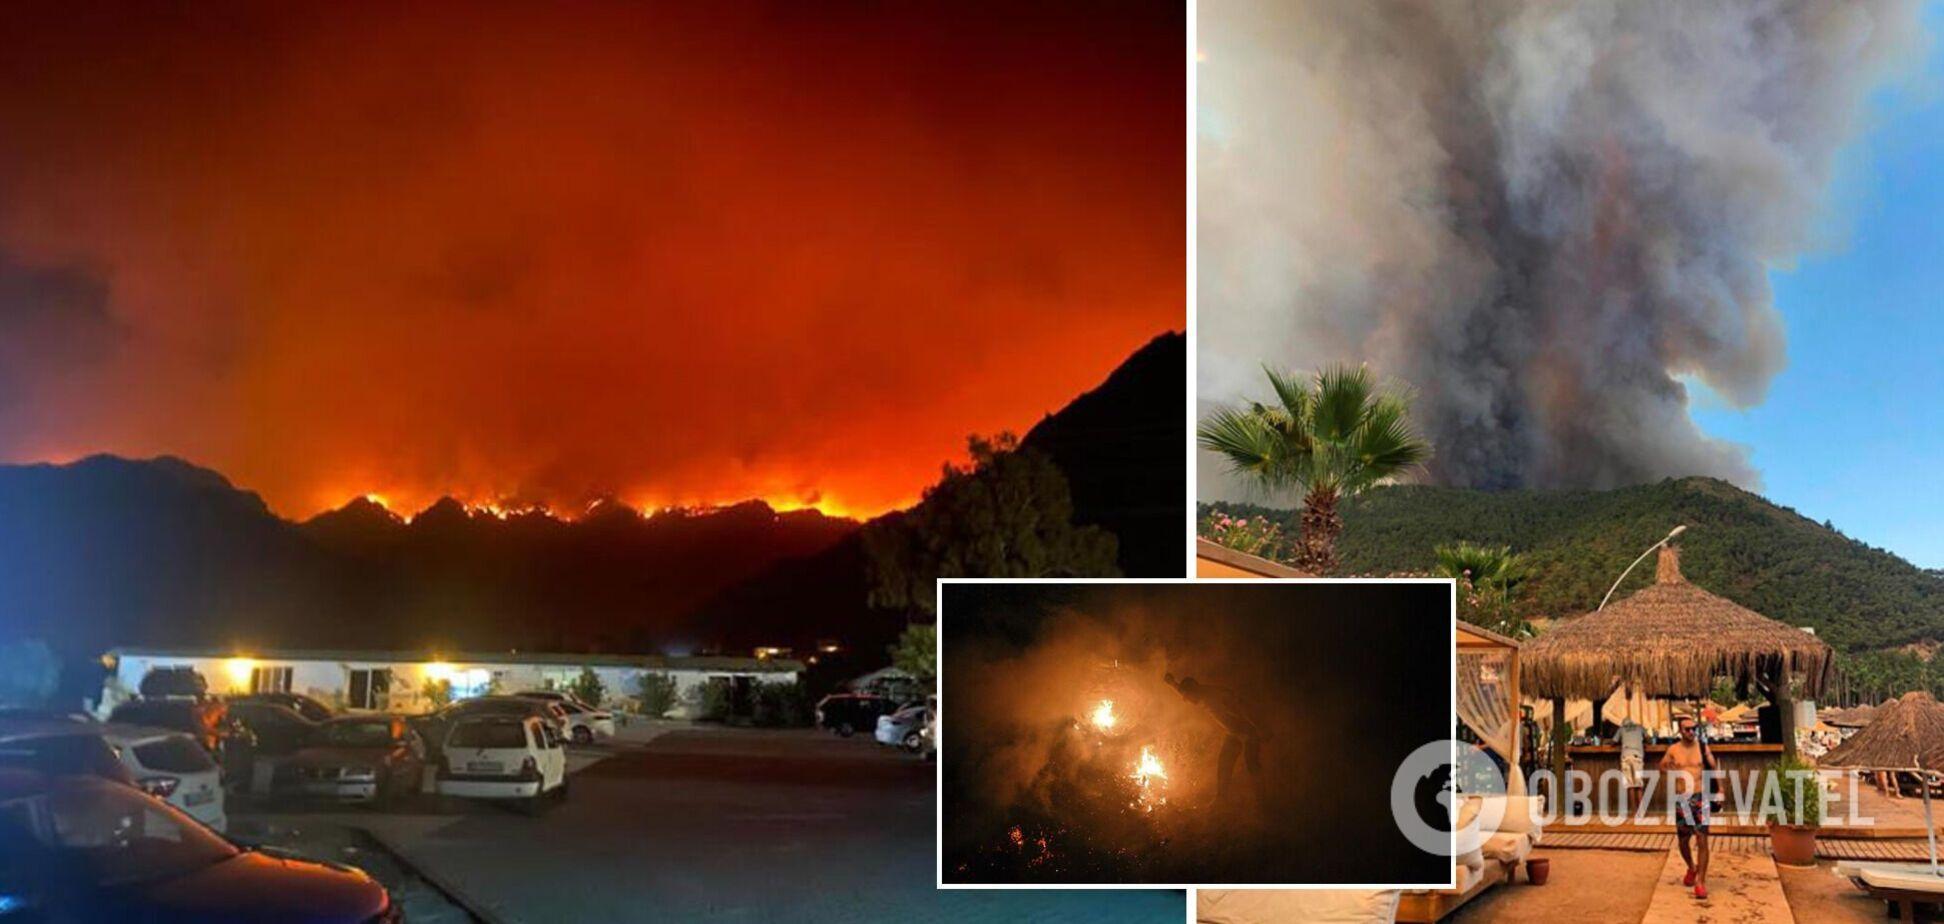 В Турции из-за масштабных пожаров эвакуировали туристов: деревья превращались в пепел, сгорели дома. Фото и видео